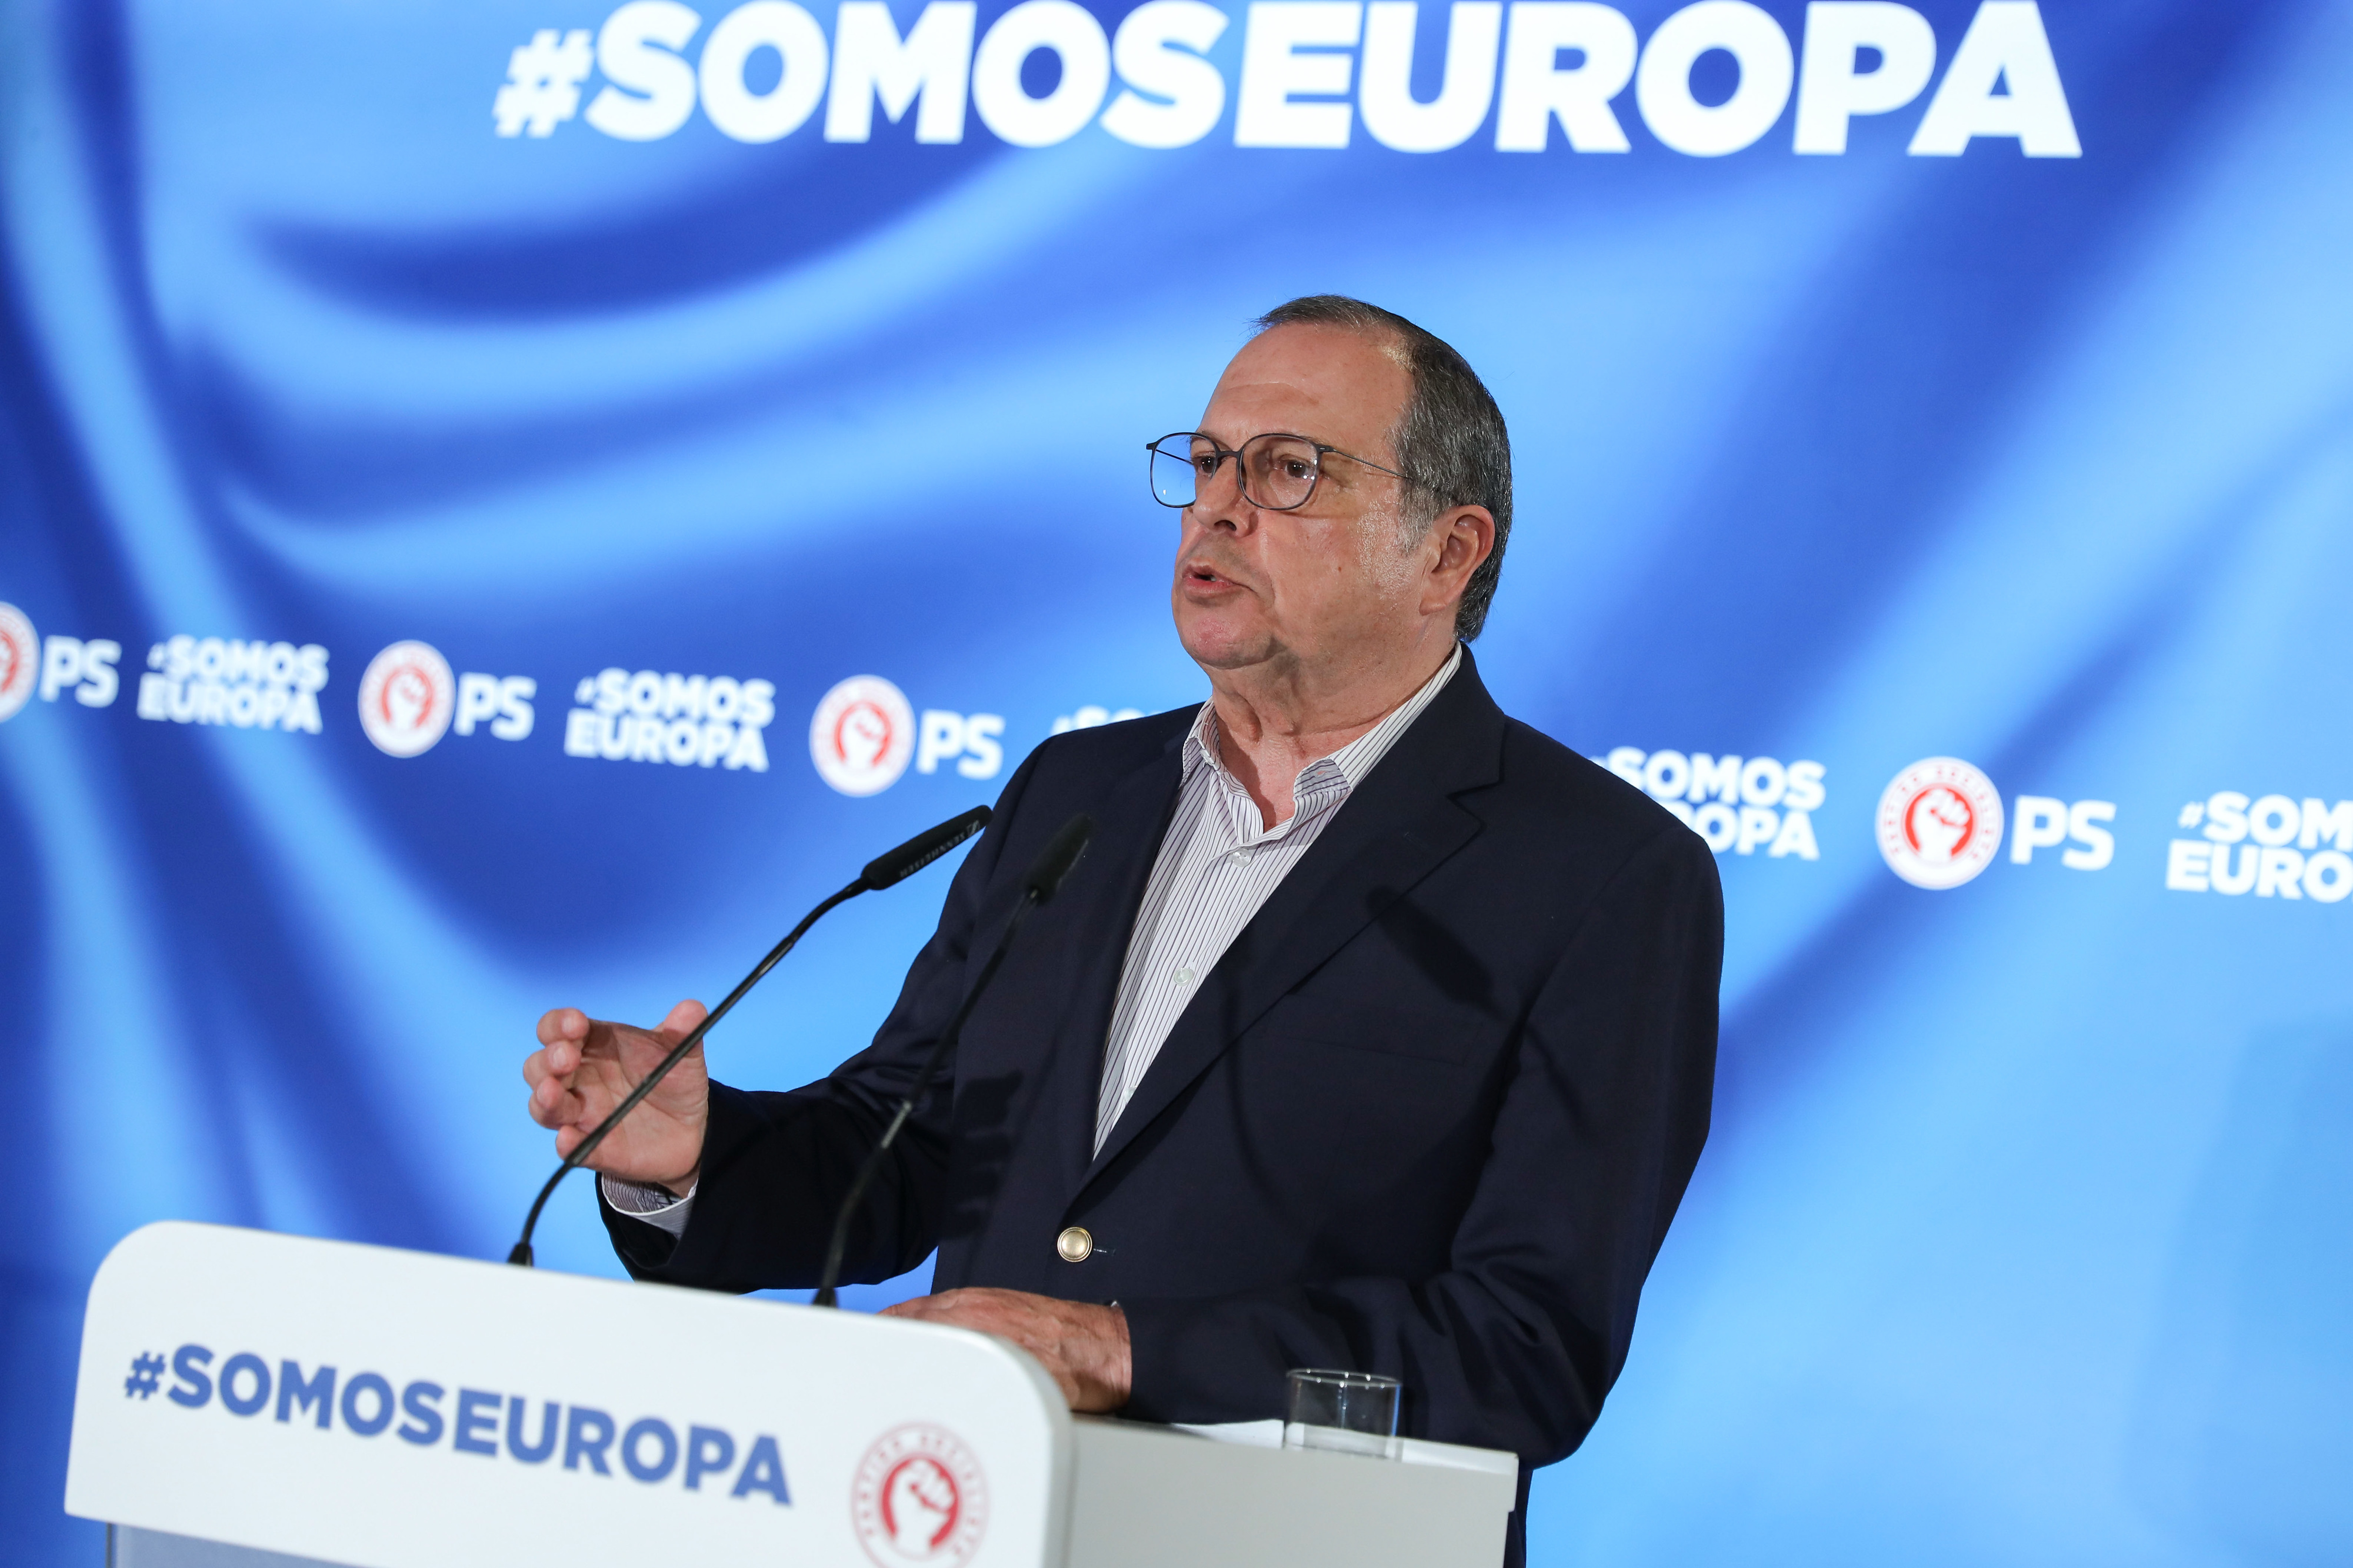 Eleições. Carlos César é o mandatário nacional do PS para as legislativas